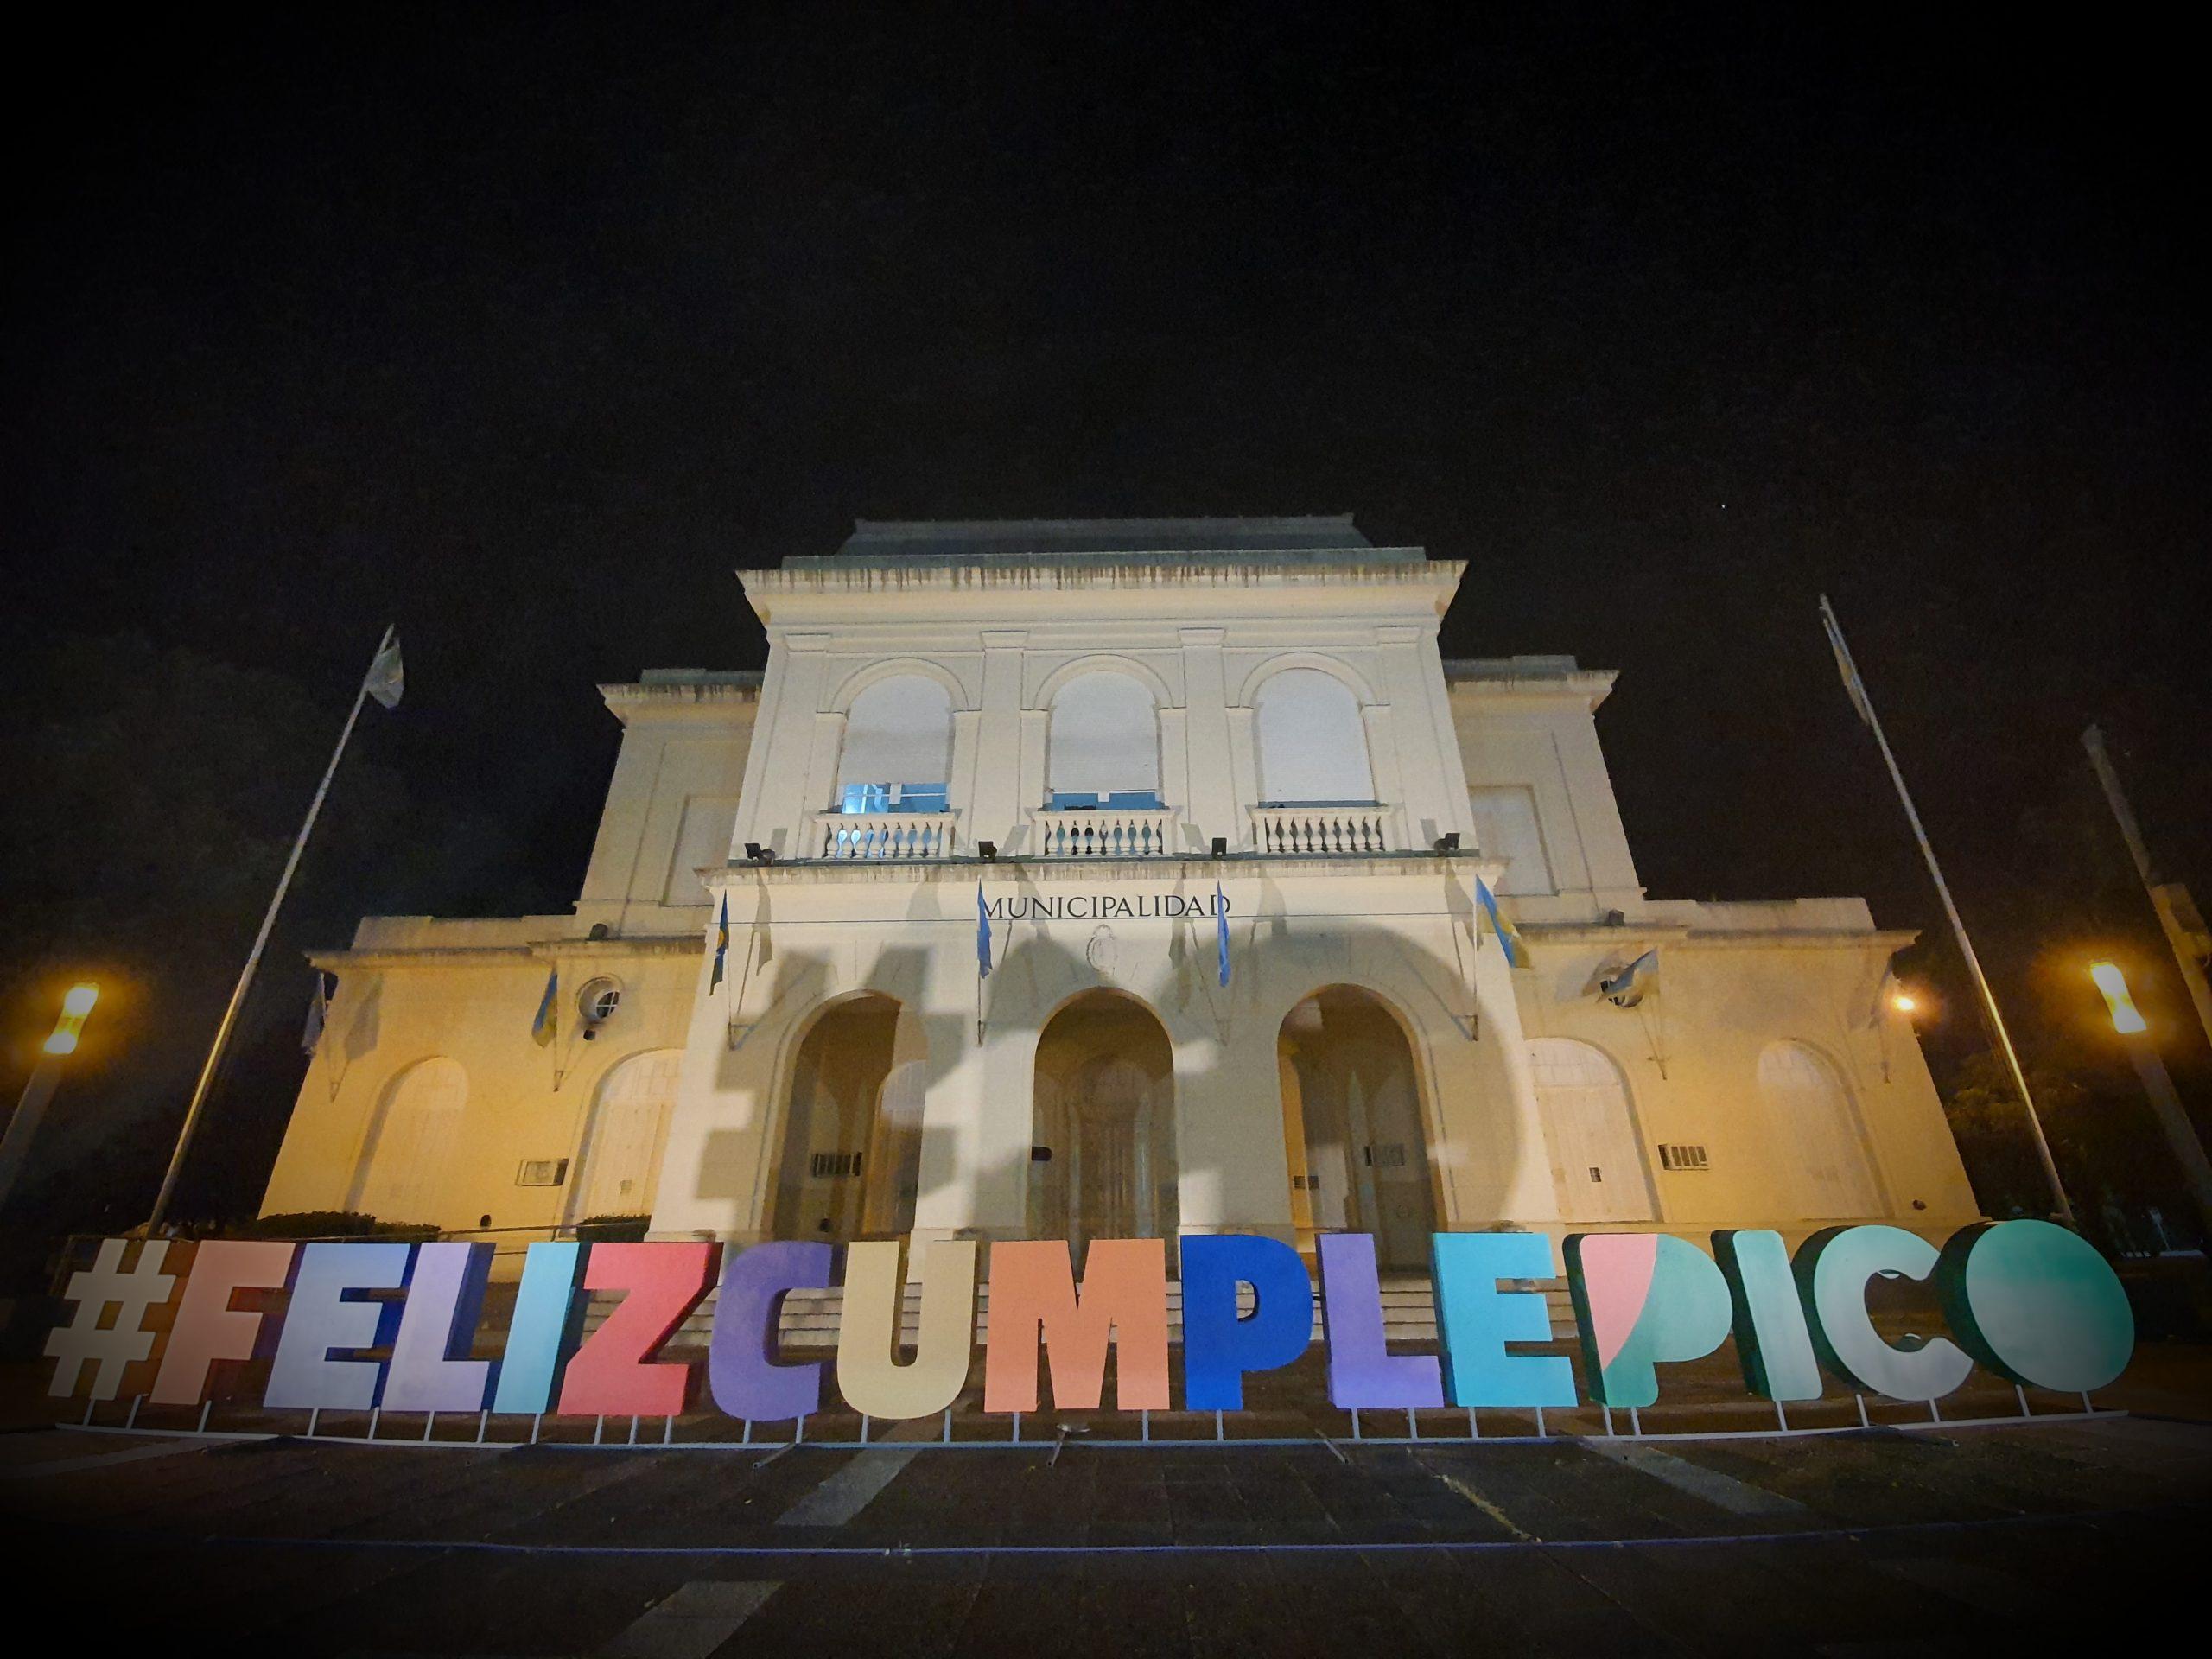 ¡Hoy se conmemora el 115° aniversario de General Pico!